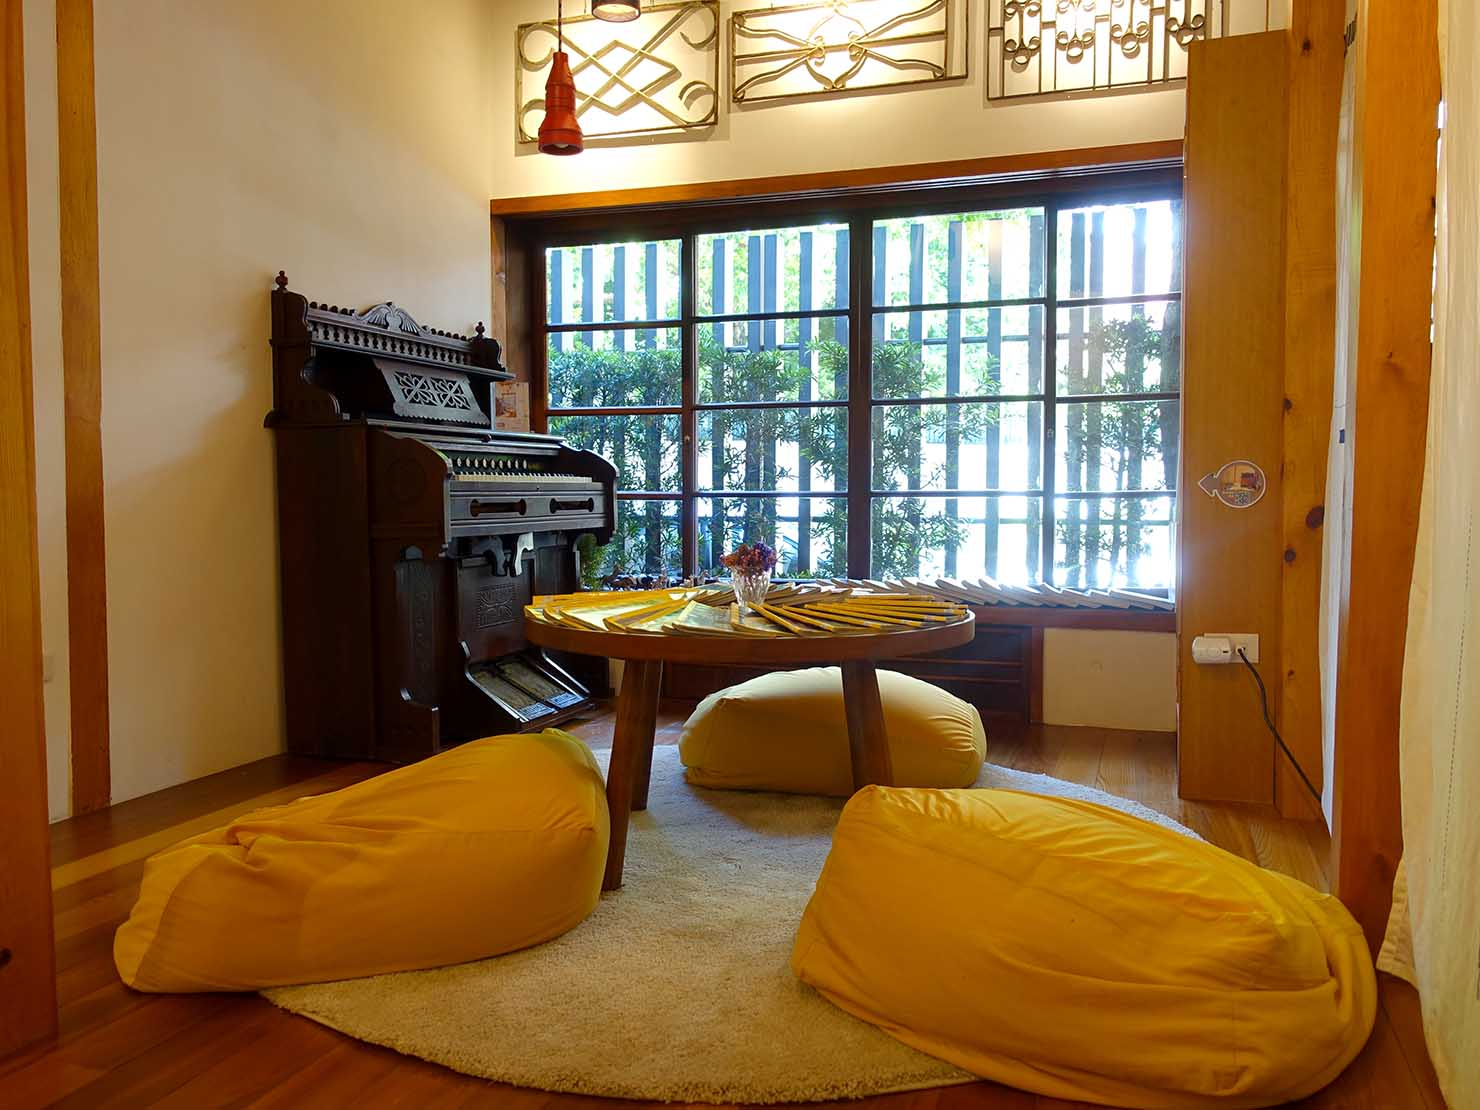 台北の街に佇む日本式古民家の図書館「文房 Chapter」のちゃぶ台のある部屋